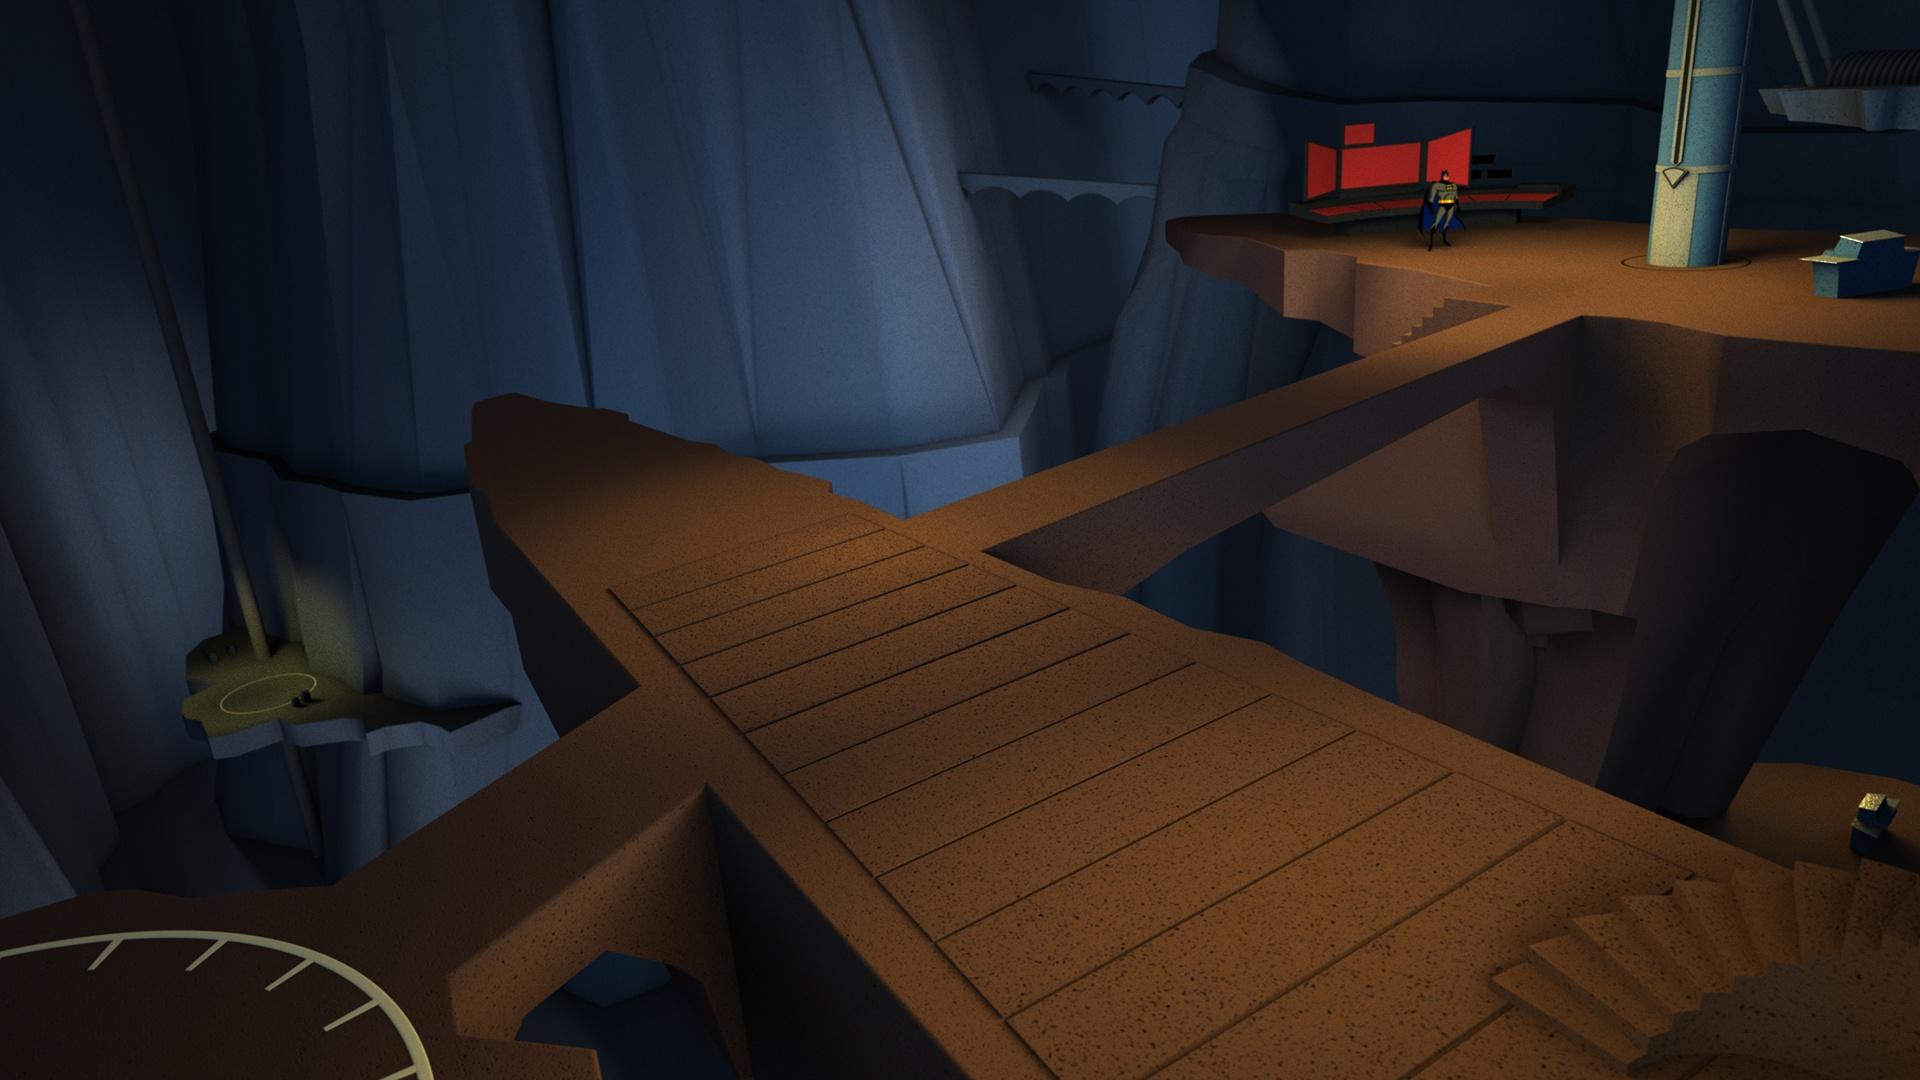 VR Project Exlores Batman's Cave